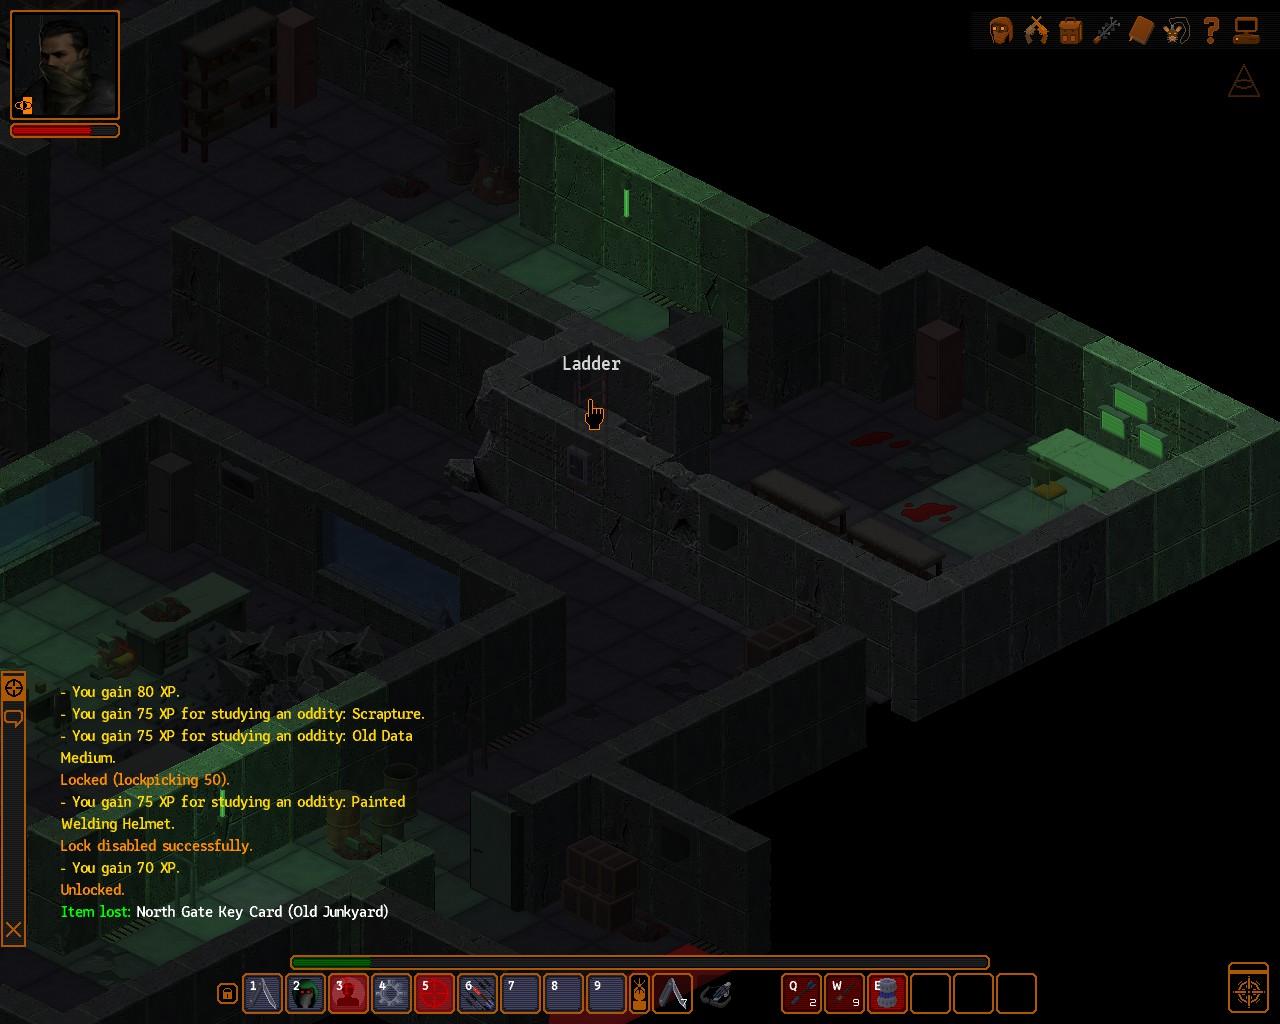 Steam Community :: Guide :: Junkyard - Depot A walkthrough